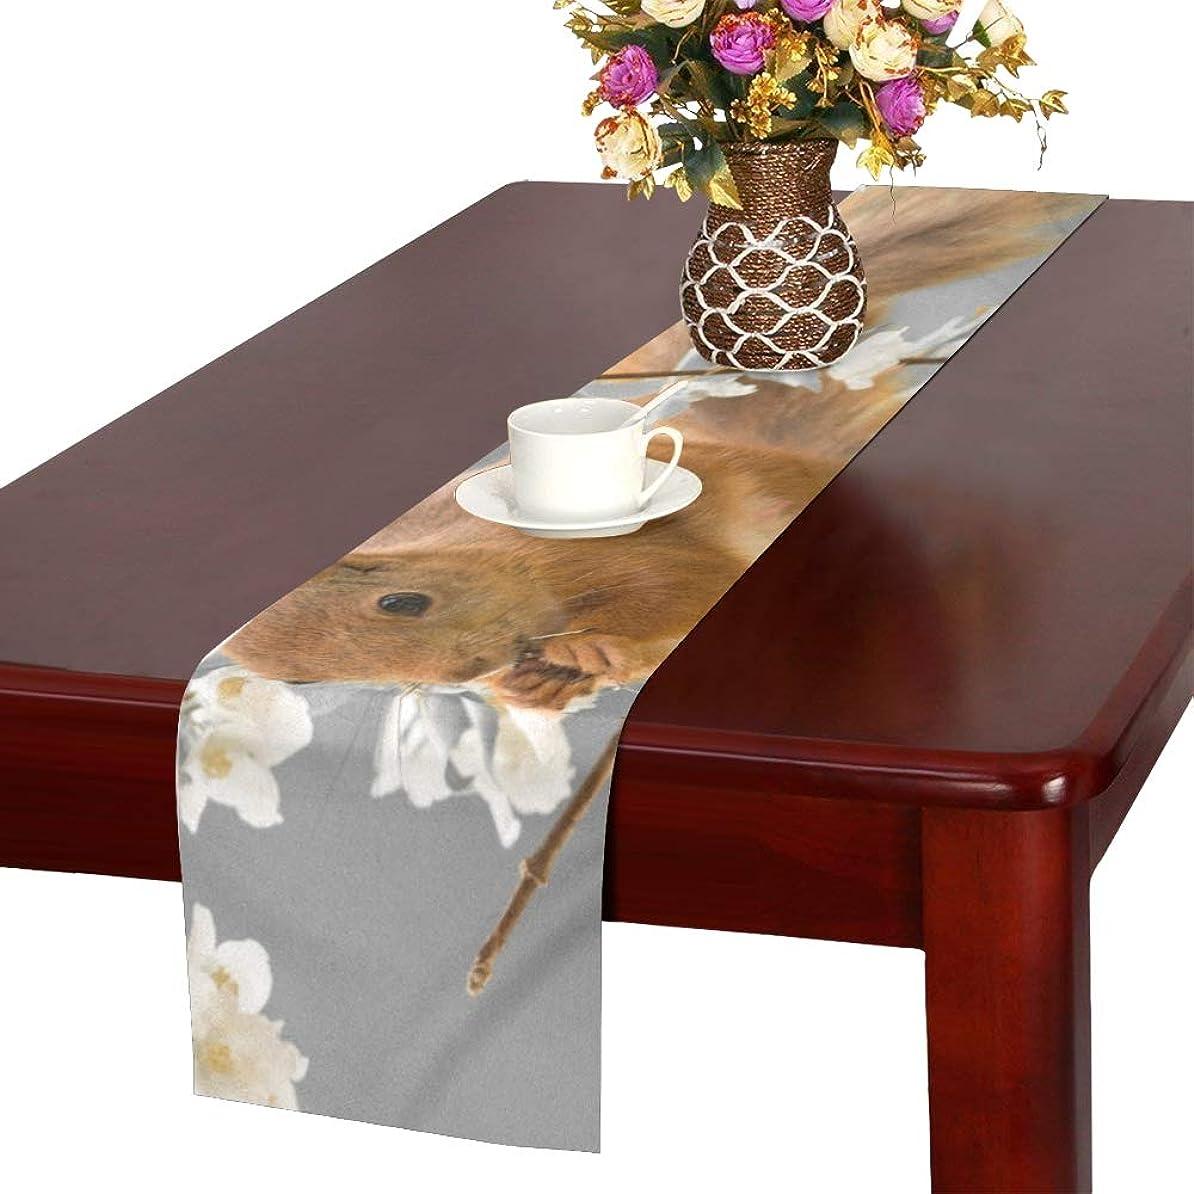 のぞき穴労働者彼のGGSXD テーブルランナー 面白い リス クロス 食卓カバー 麻綿製 欧米 おしゃれ 16 Inch X 72 Inch (40cm X 182cm) キッチン ダイニング ホーム デコレーション モダン リビング 洗える